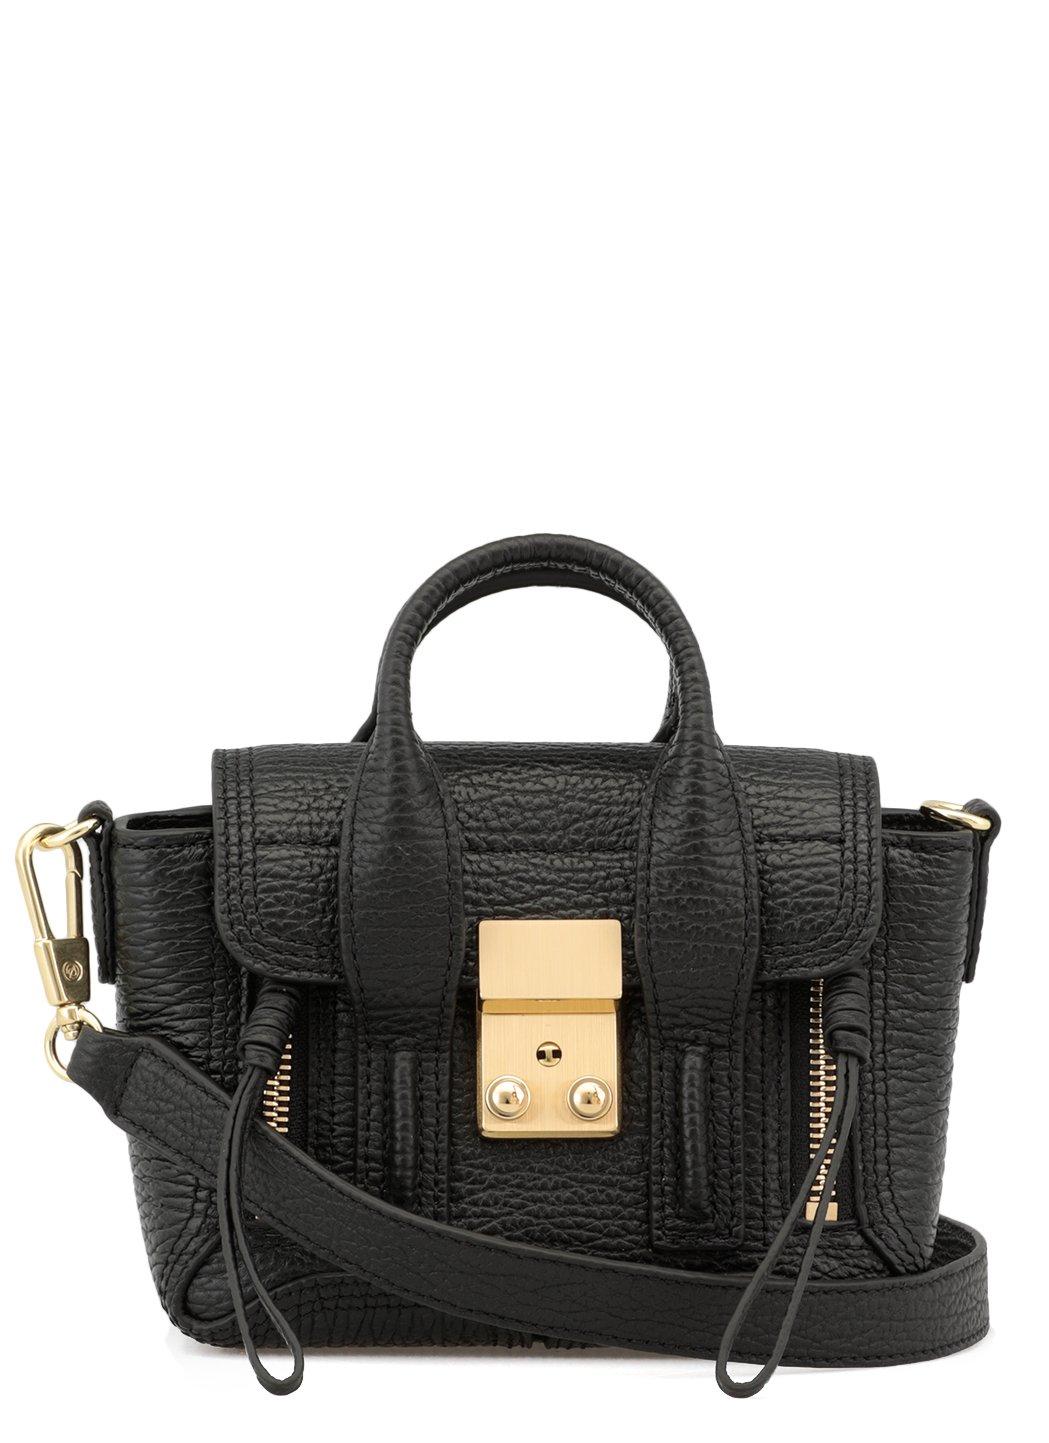 3.1 Phillip Lim Bags. Black